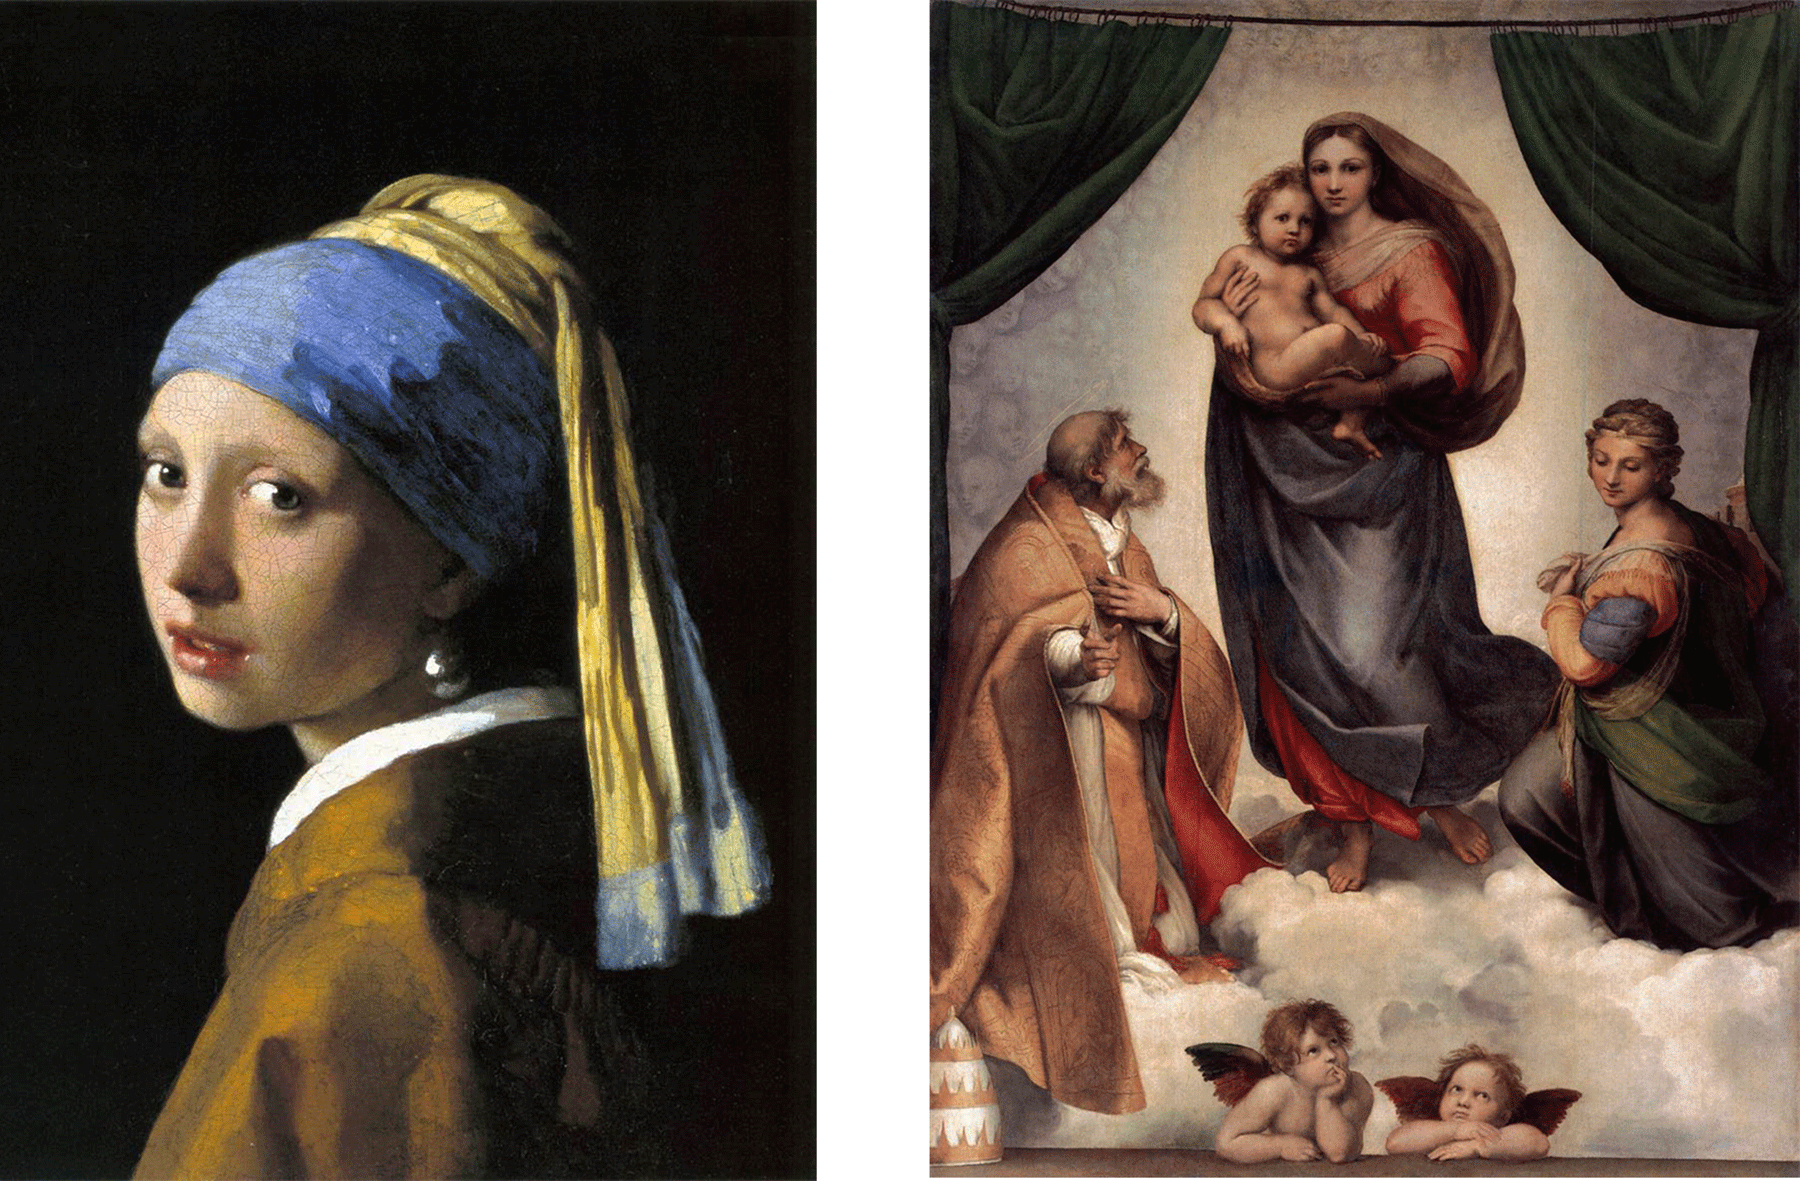 رافیل کی اس پینٹنگ (دائیں) میں بوڑھے شخص نے جو چادر اوڑھ رکھی ہے اس میں زرد اوکرے کا استعمال کیا گیا۔ ورمیر کی پینٹنگ (بائیں) میں لڑکی نے جو گاؤن پہن رکھا ہے وہ بھی زرد اوکرے سے پینٹ کیا گیا ہے.